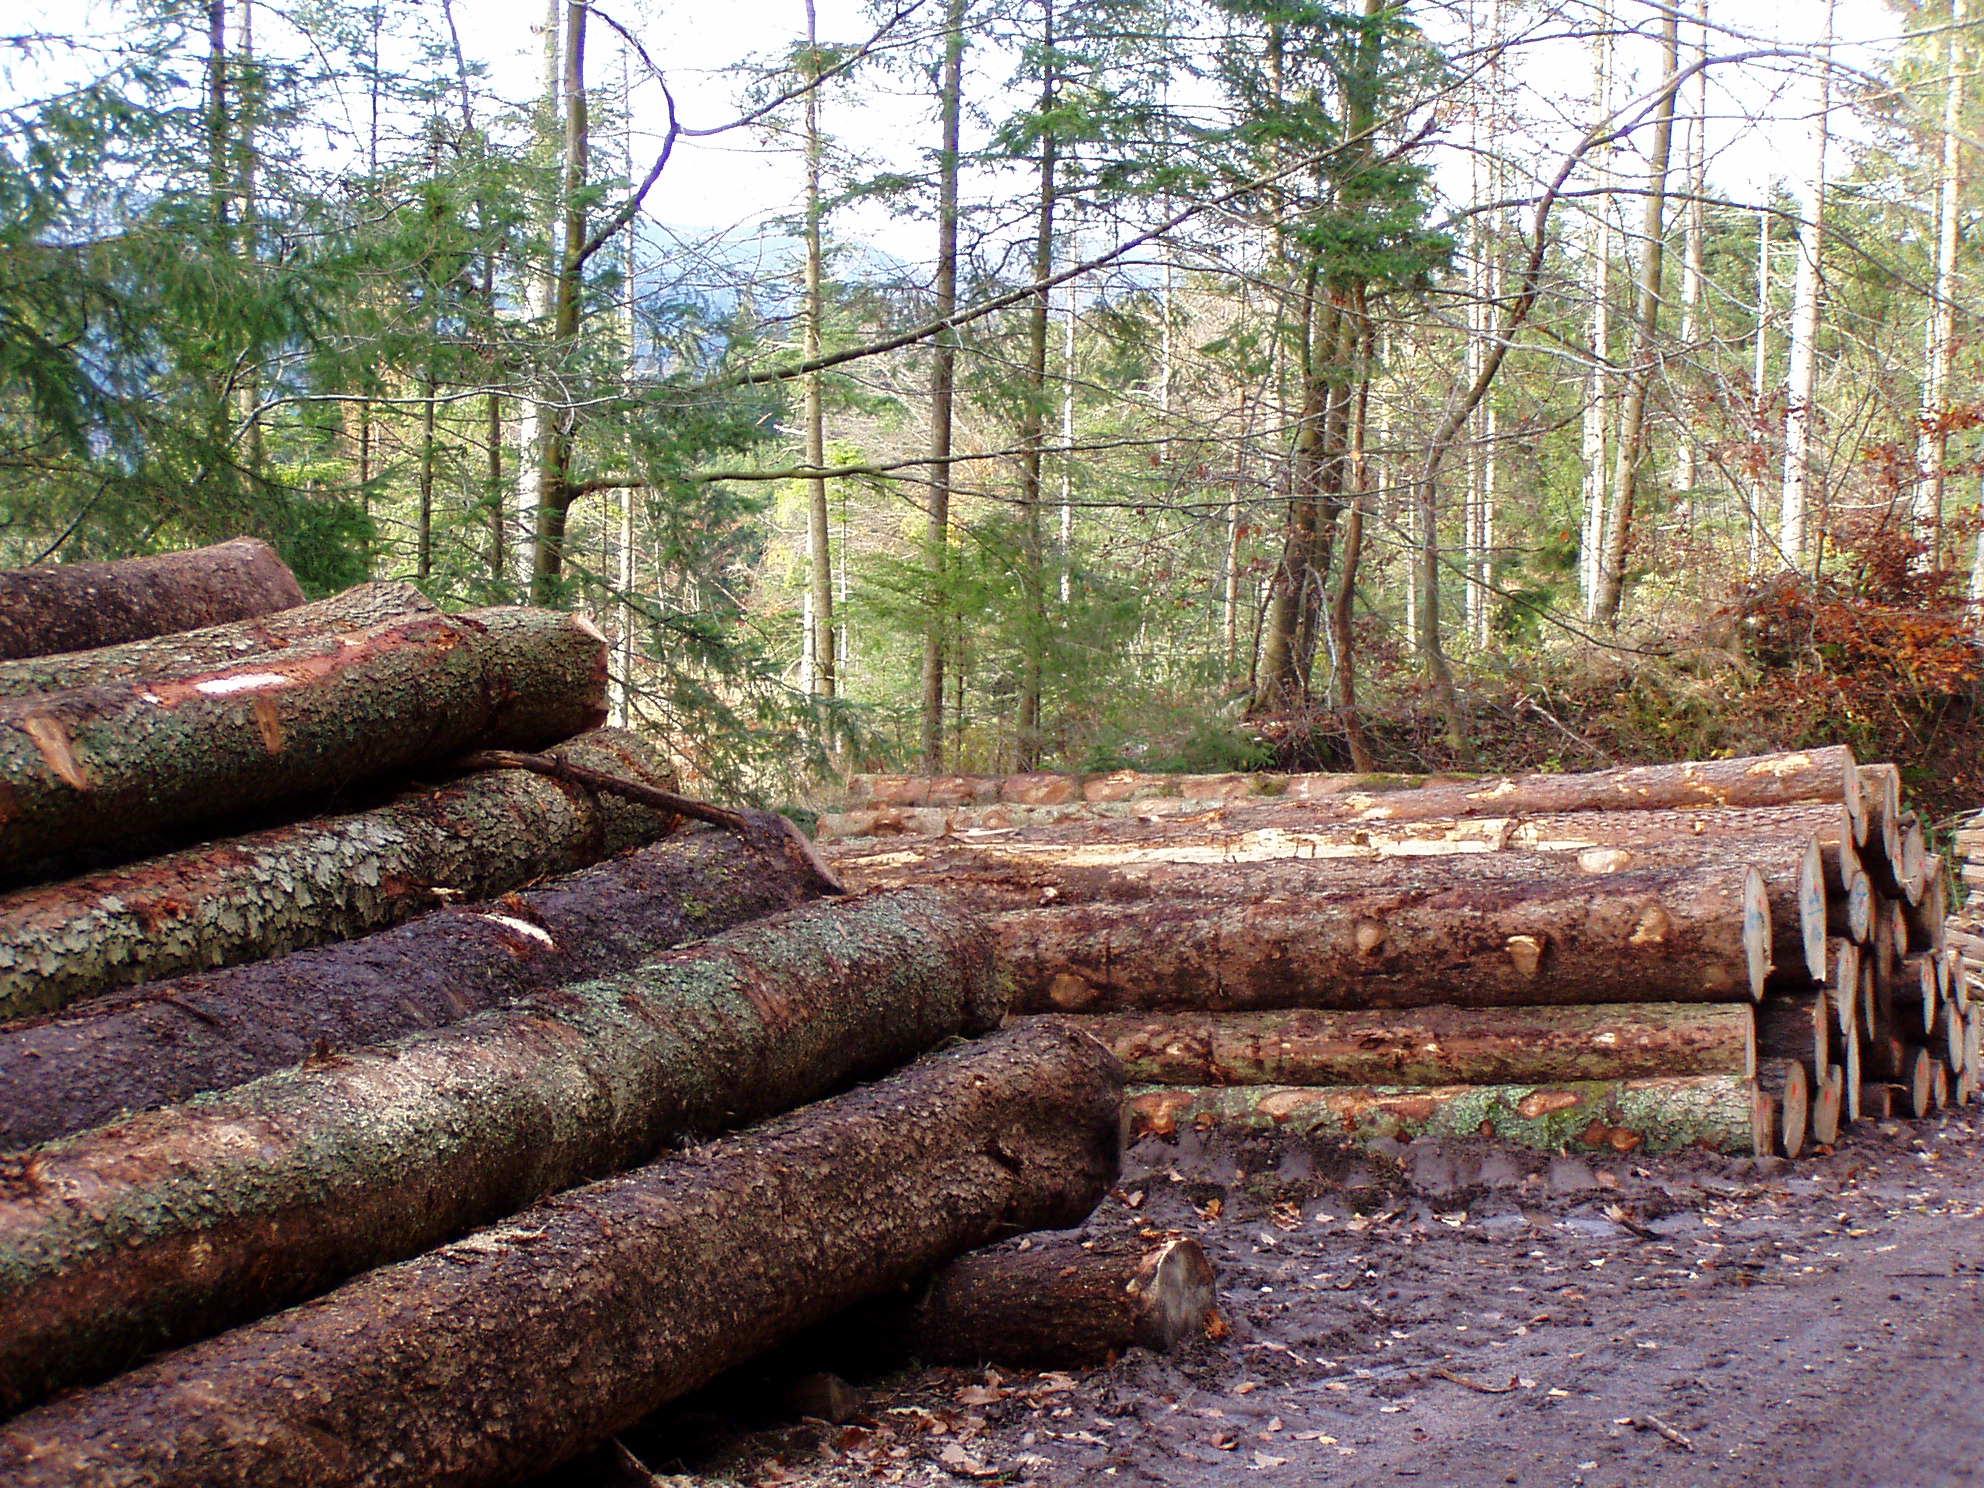 Problemfällungen - Wurzelstockfräsen -Landschaftspflege - Winterdienst